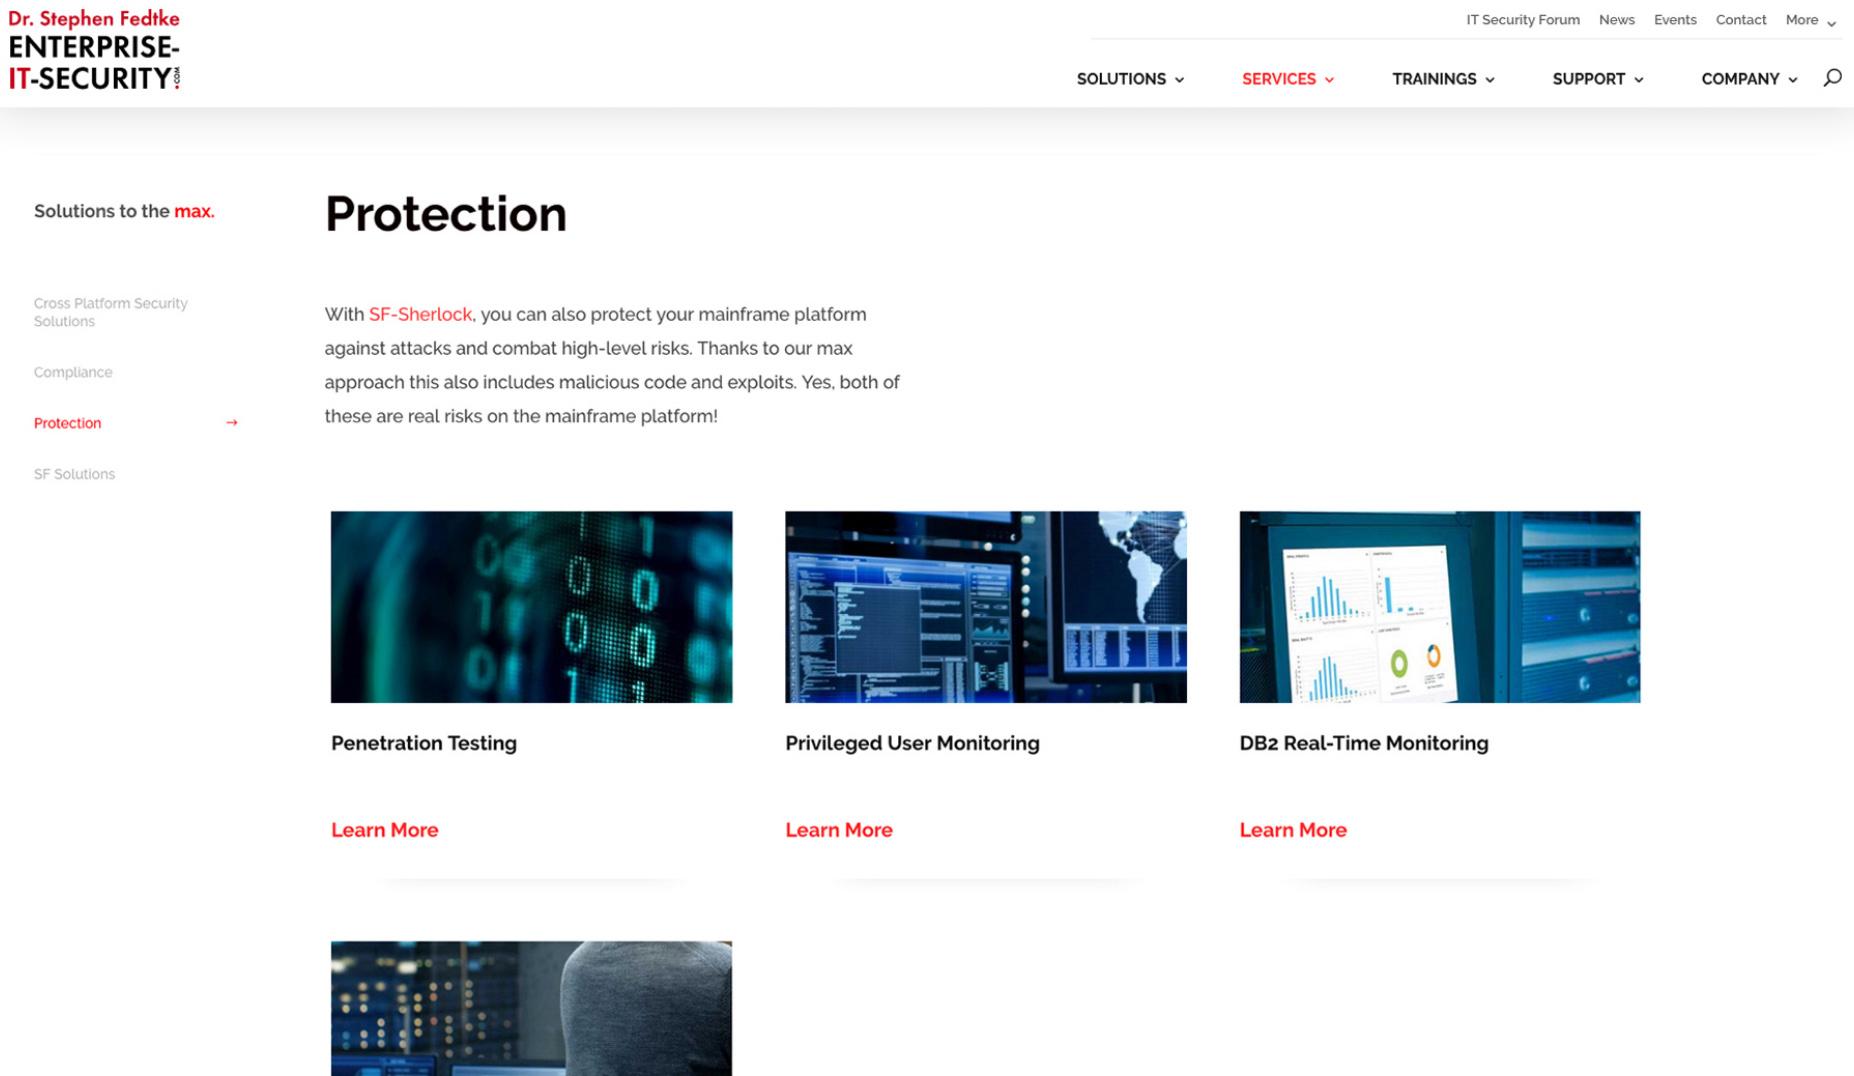 IT Security - Portfolio Image5